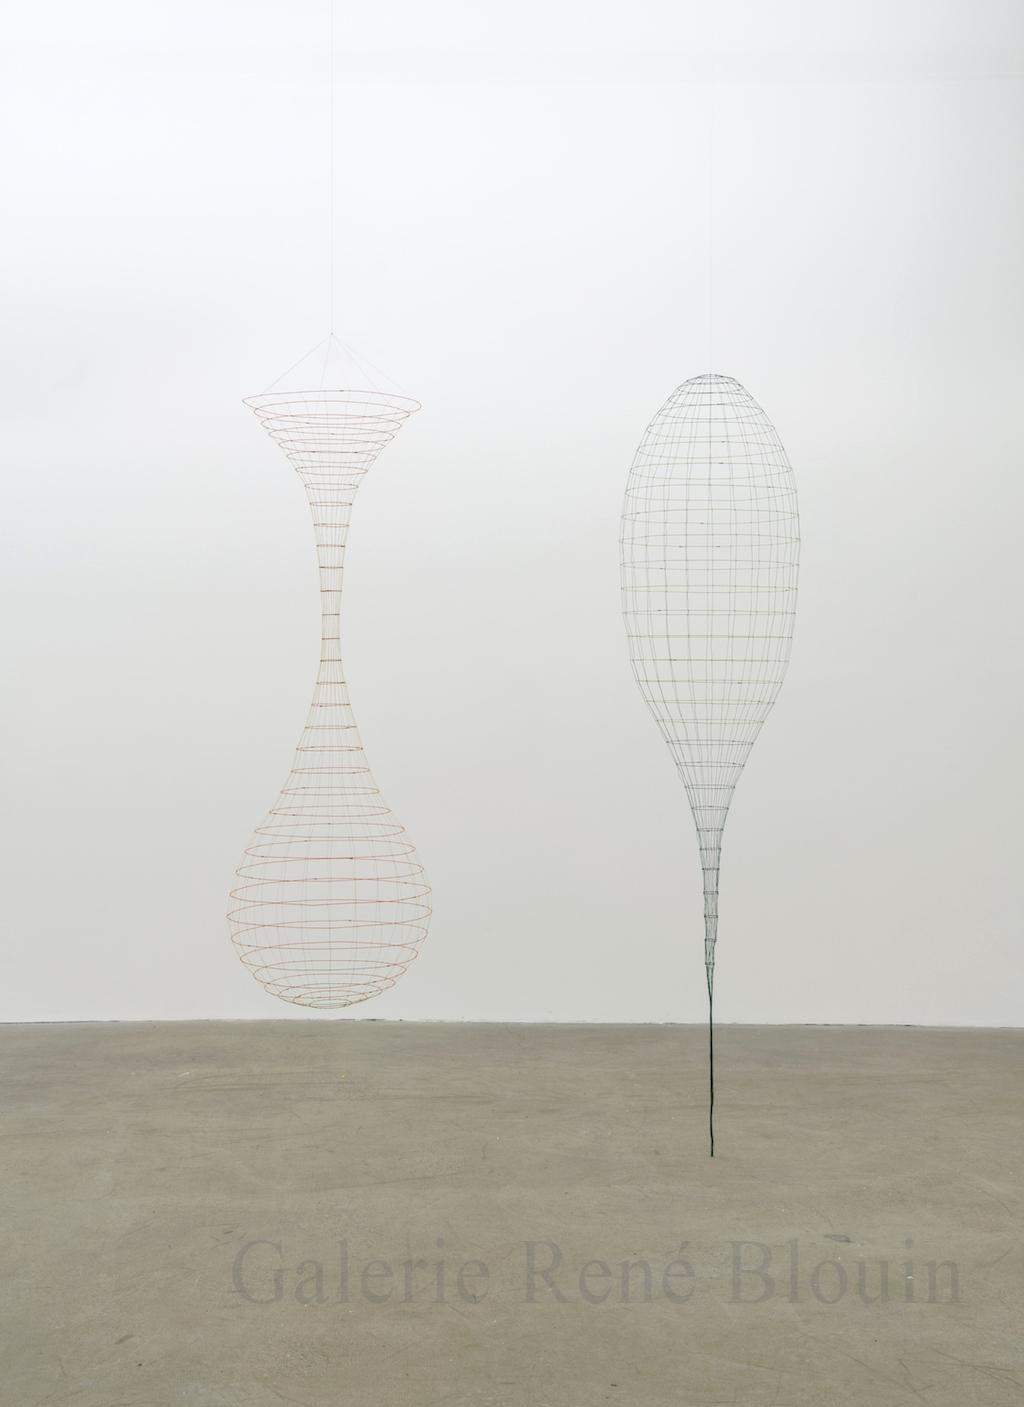 Sarah Stevenson, 2 Vessels, 2015, fil et fil métallique, 19,5 x 19,5 x 58,5 pouces / 18 x 18 x 58 pouces